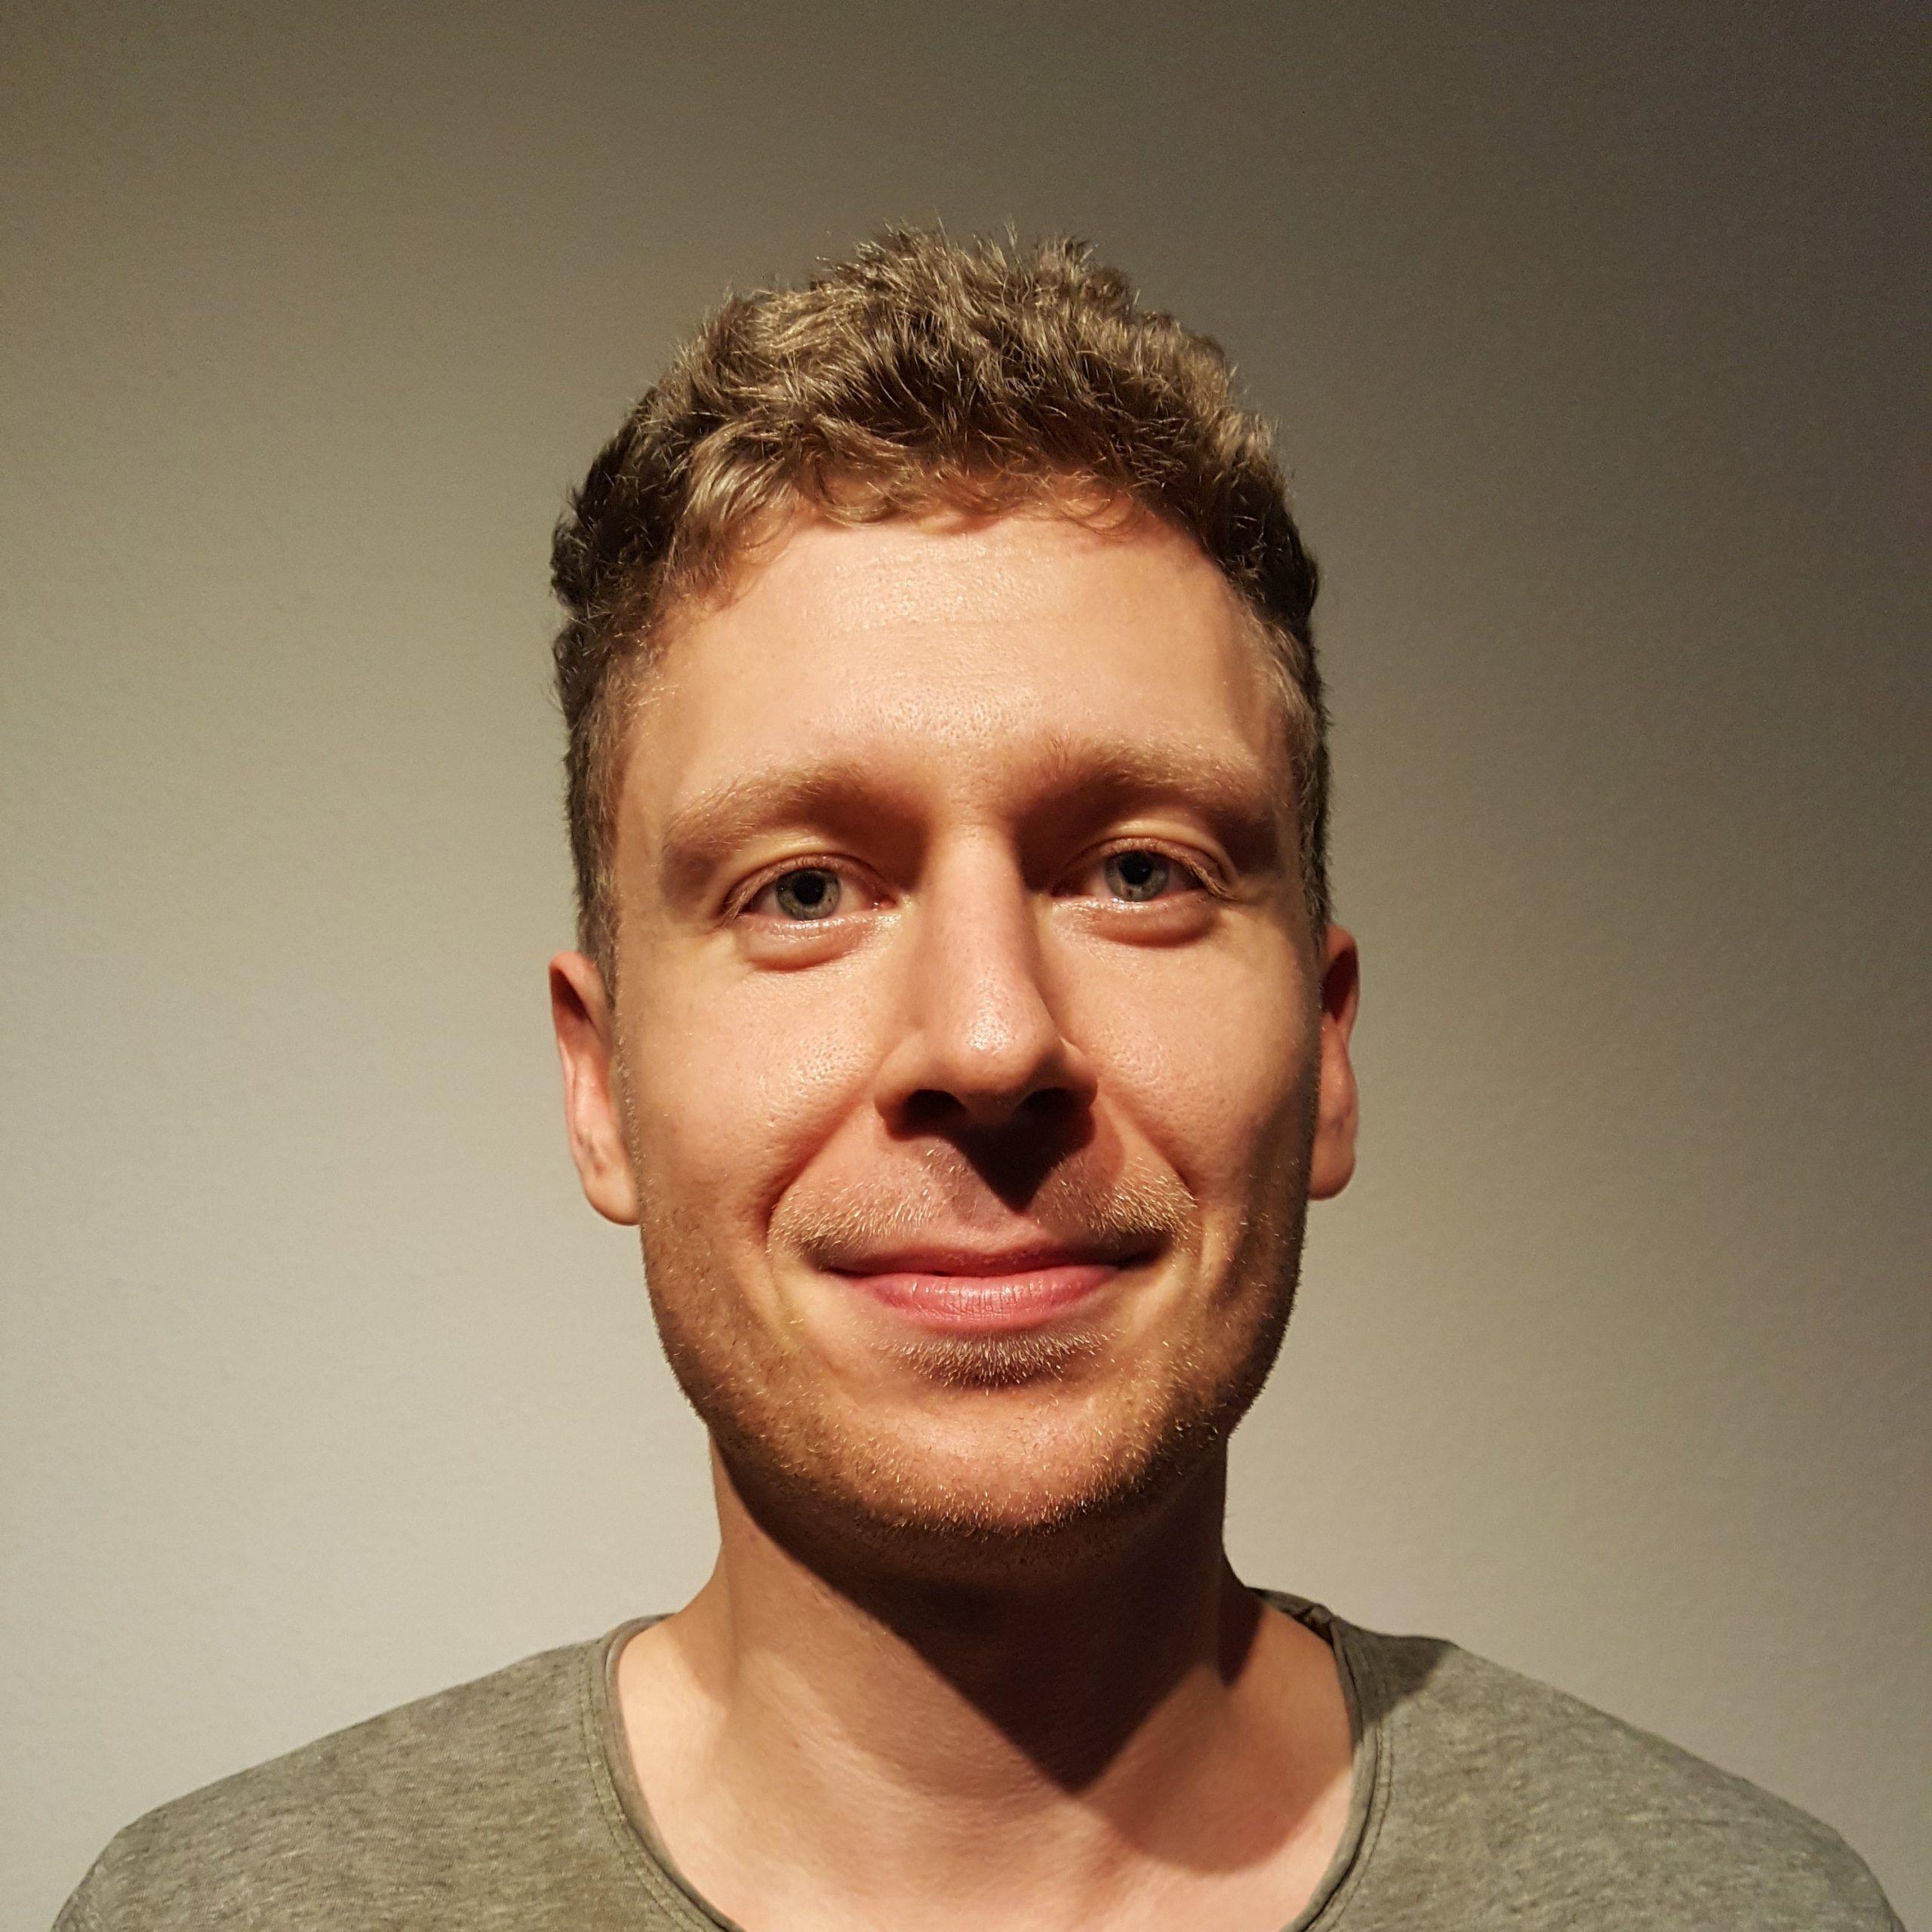 Profilbild von Lothar Baggemann